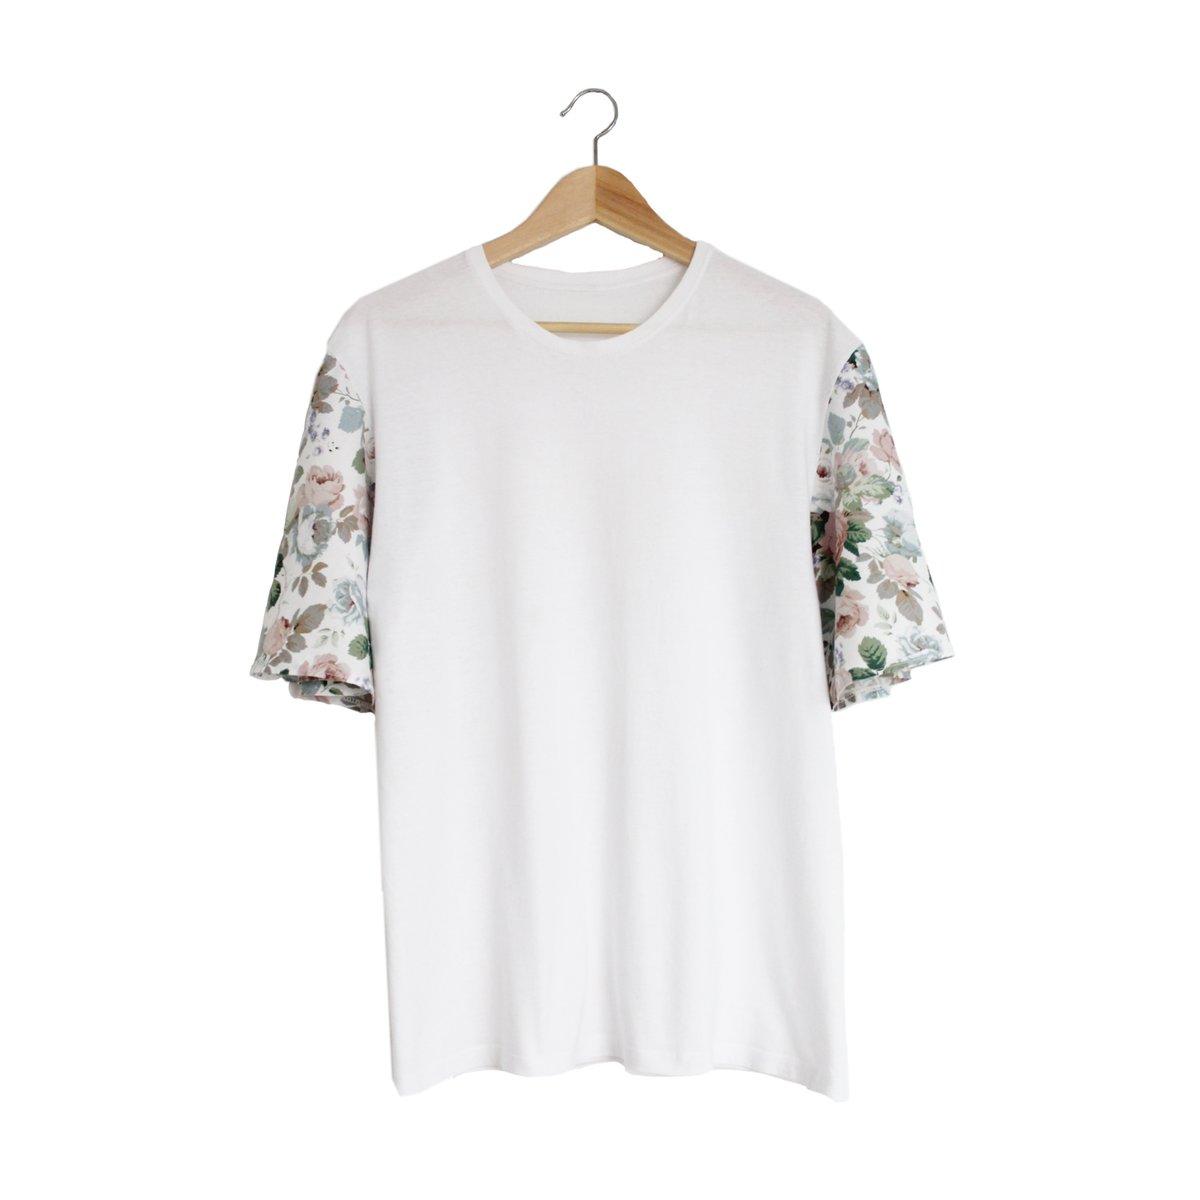 Image of Camiseta Rosetta